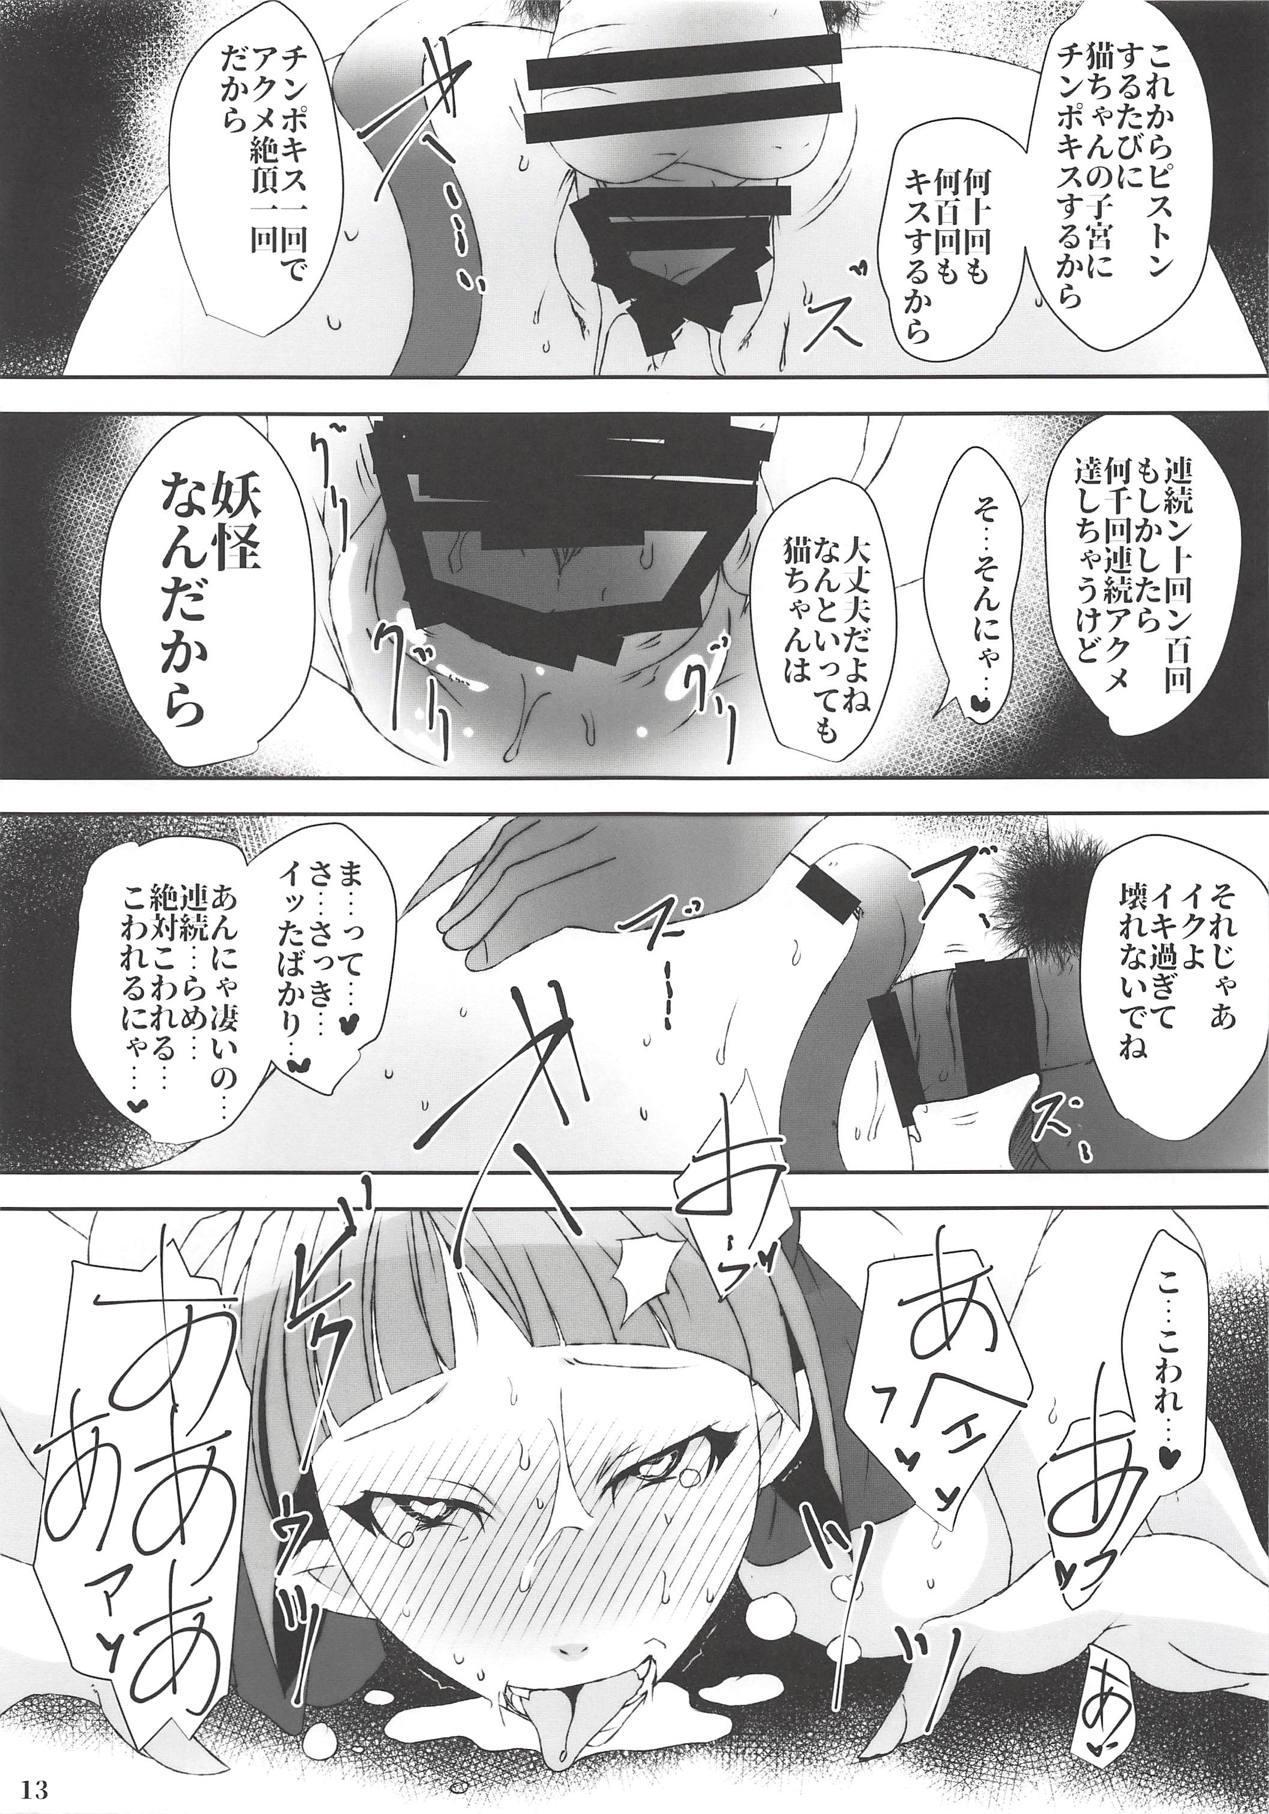 Neko Musume wa Boku no Iinari Saiin Kimeseku Juujun Pet 12